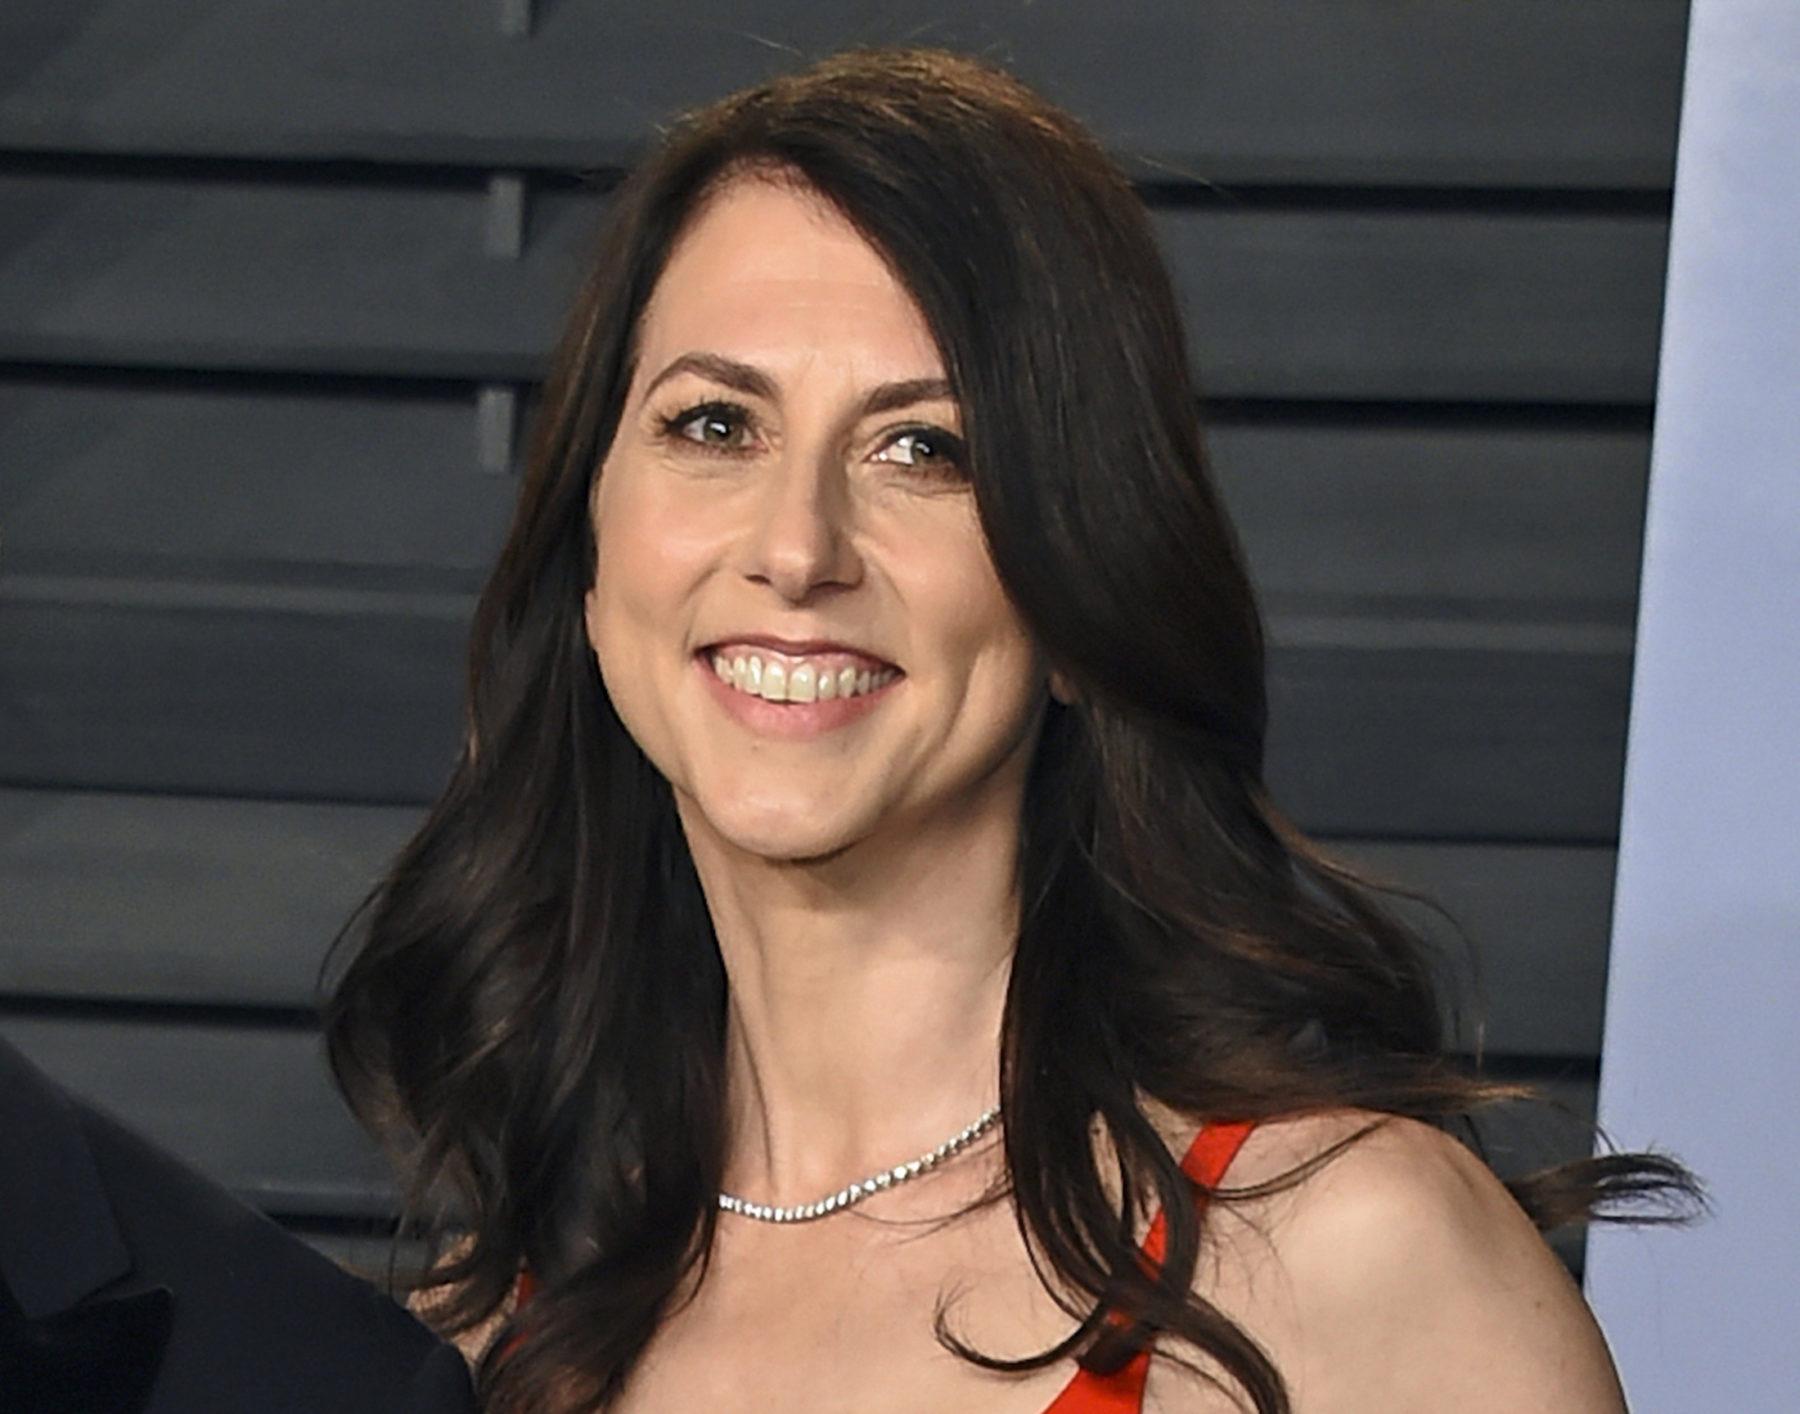 Μακένζι Σκοτ: μετά το πιο χρυσό διαζύγιο από τον Τζεφ Μπέζος της Amazon, δώρισε 6 δισεκατομμύρια δολάρια